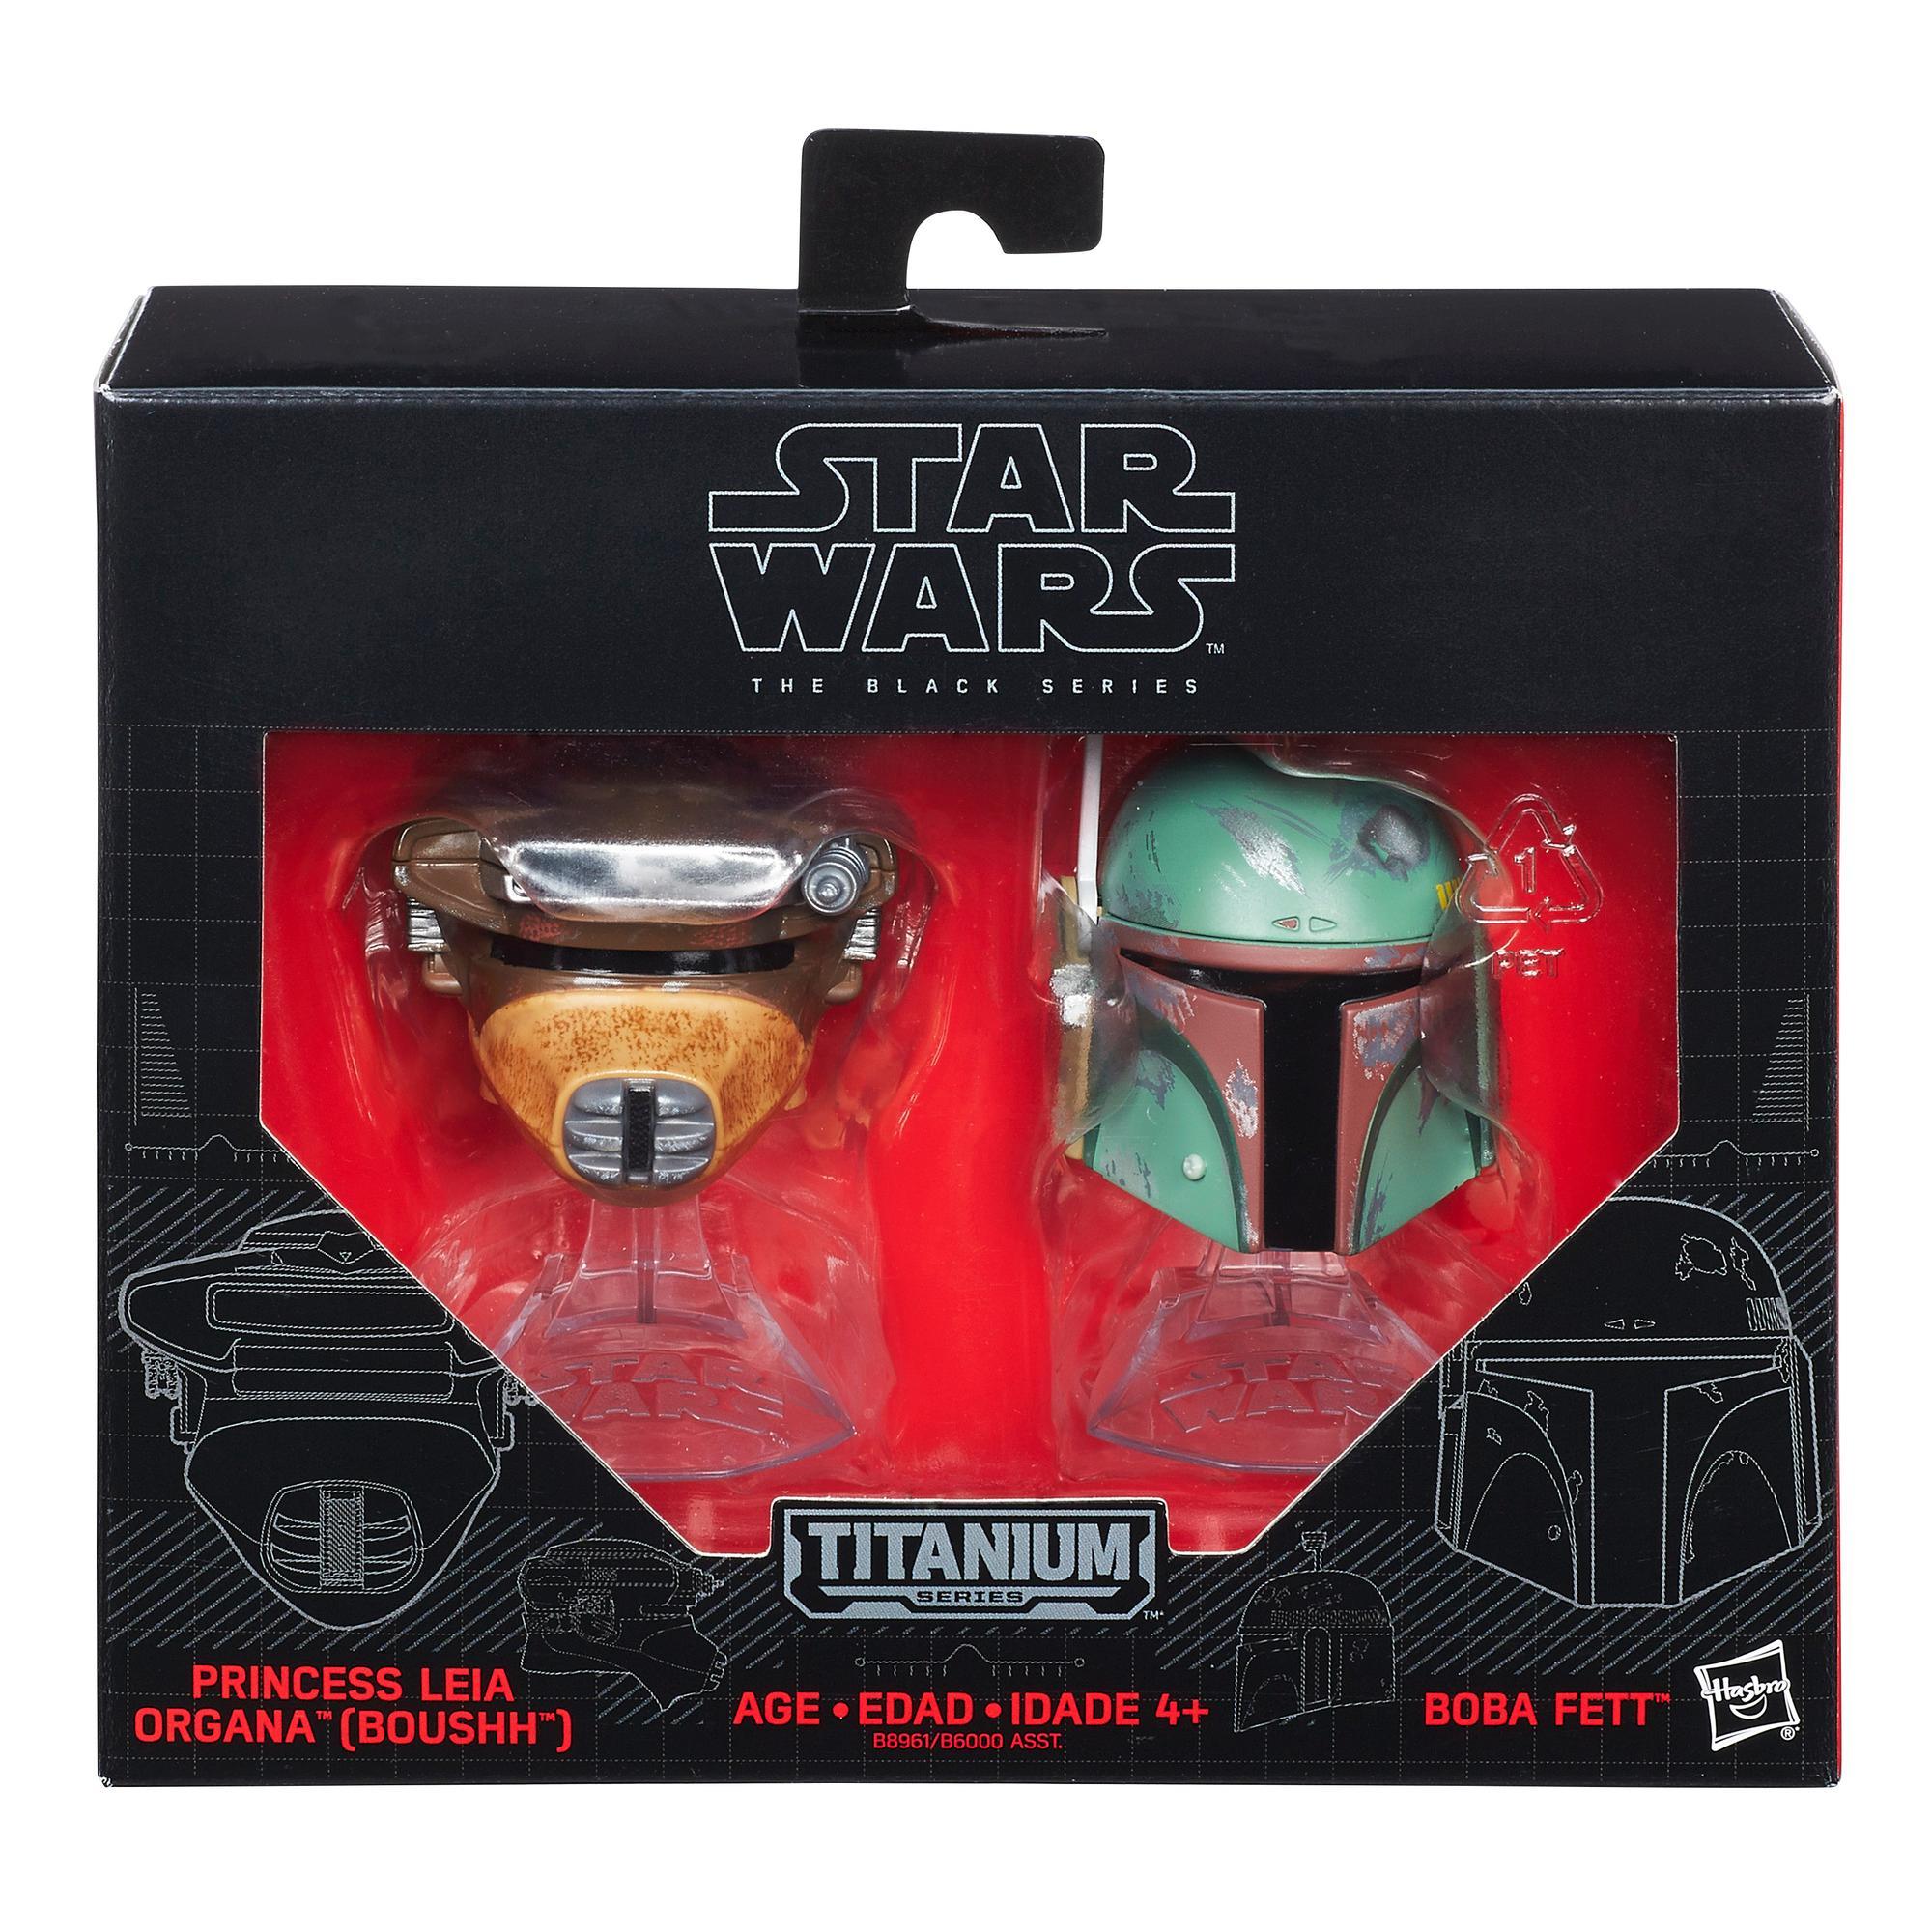 Star Wars Série noire Titanium - Casques de Boba Fett et de la princesse Leia Organa (Boushh)